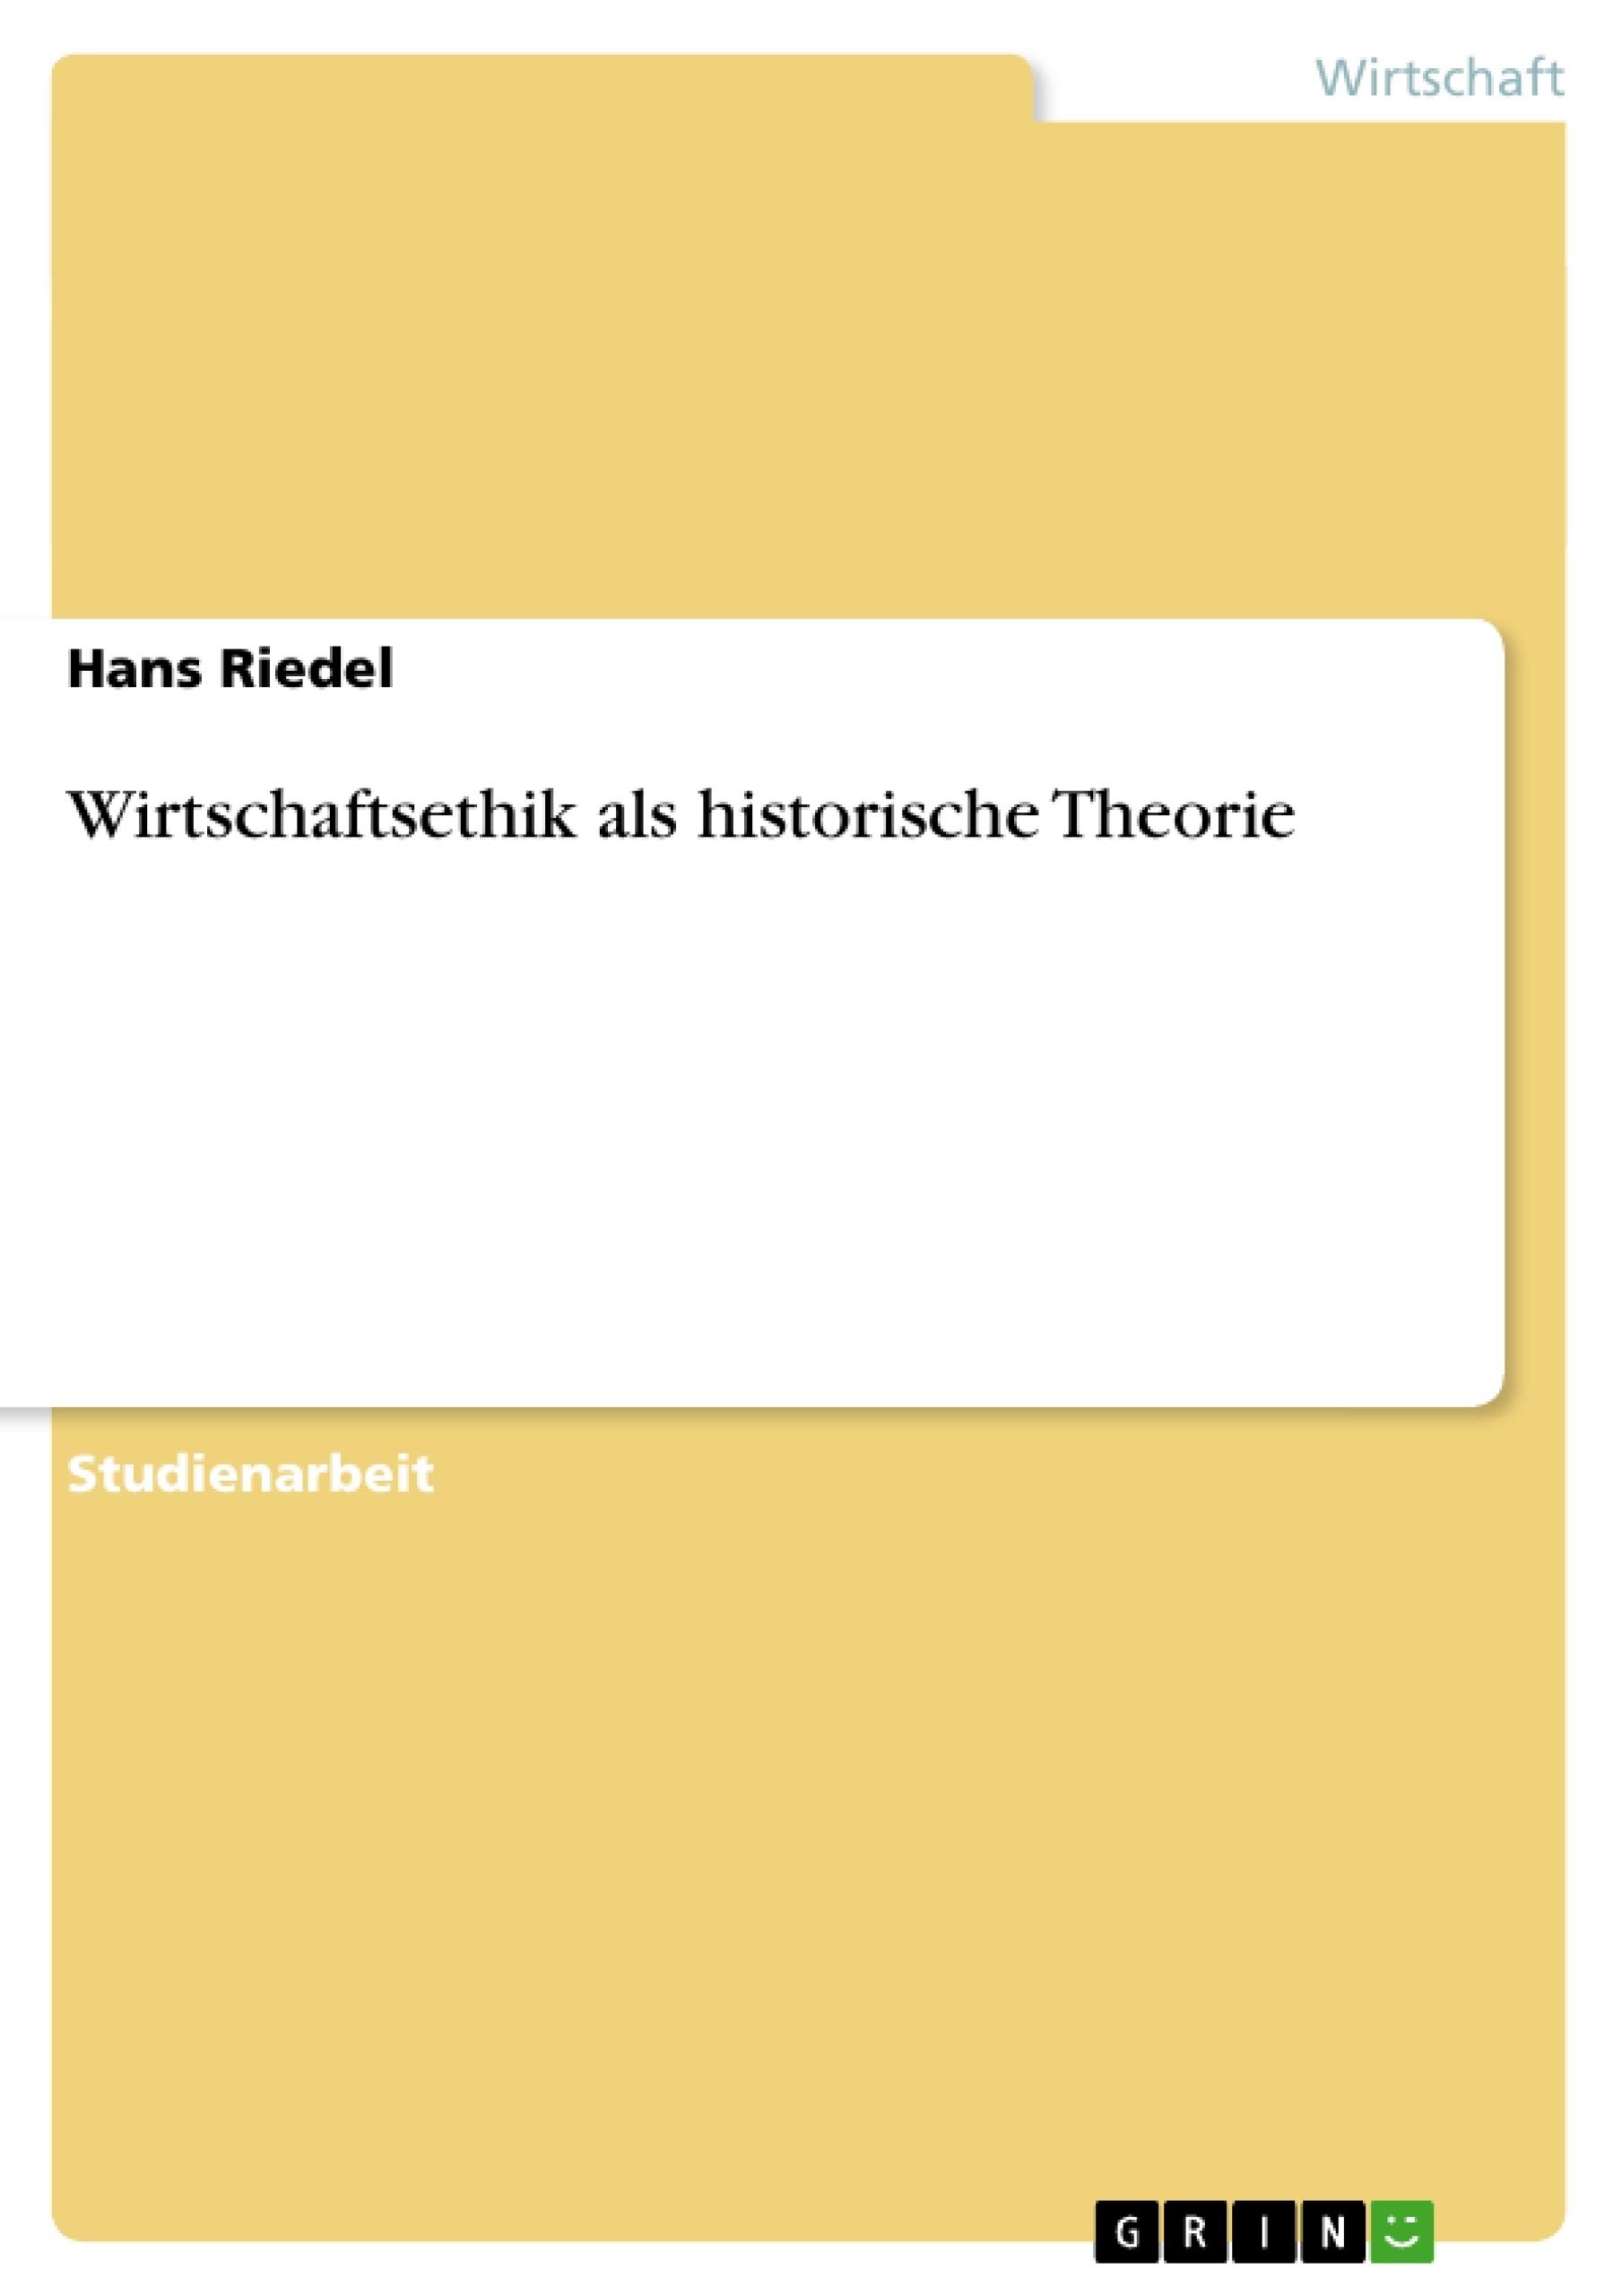 Titel: Wirtschaftsethik als historische Theorie